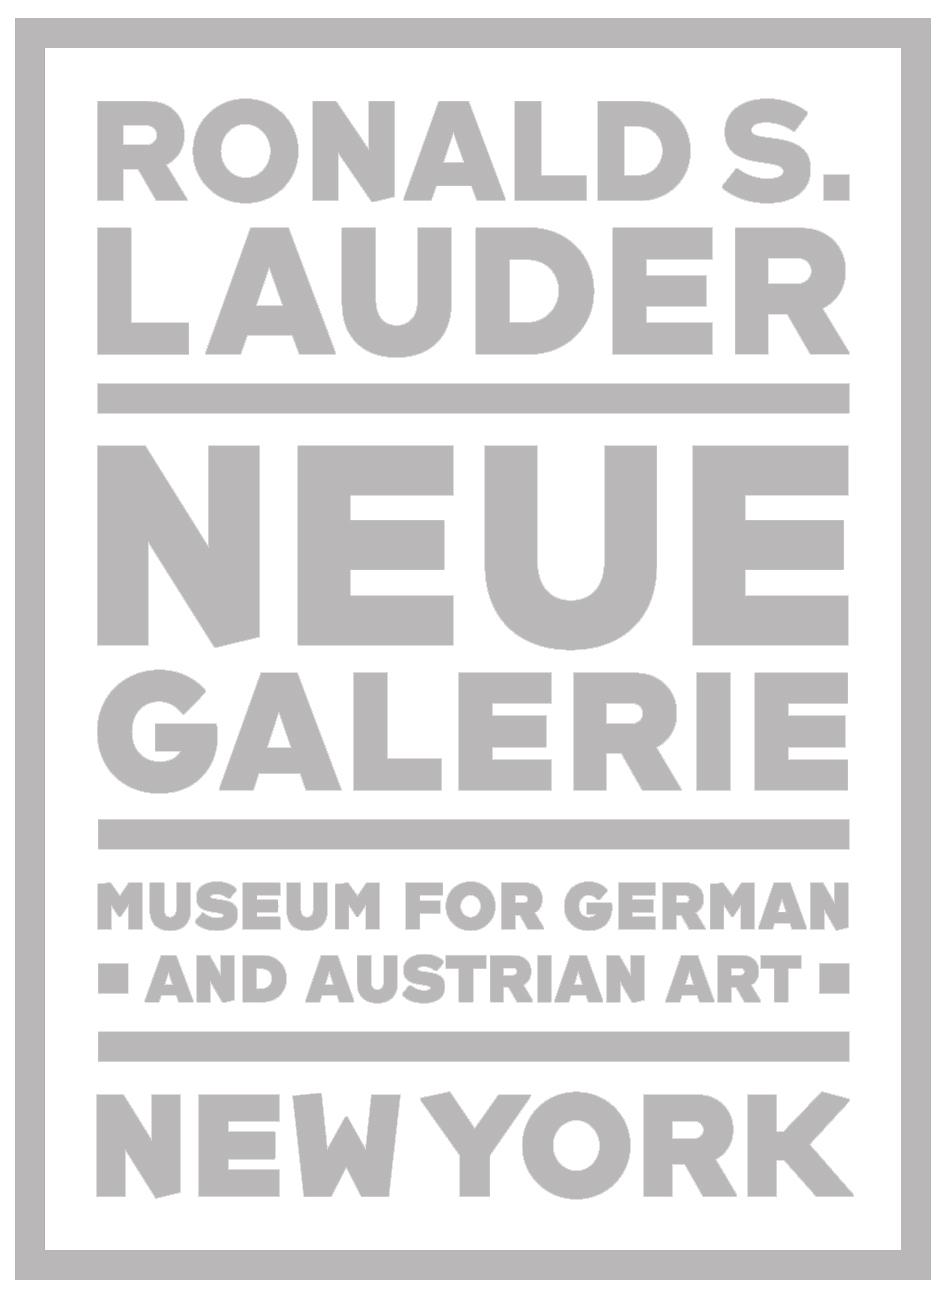 Neue Galerie New York logogrey.jpg